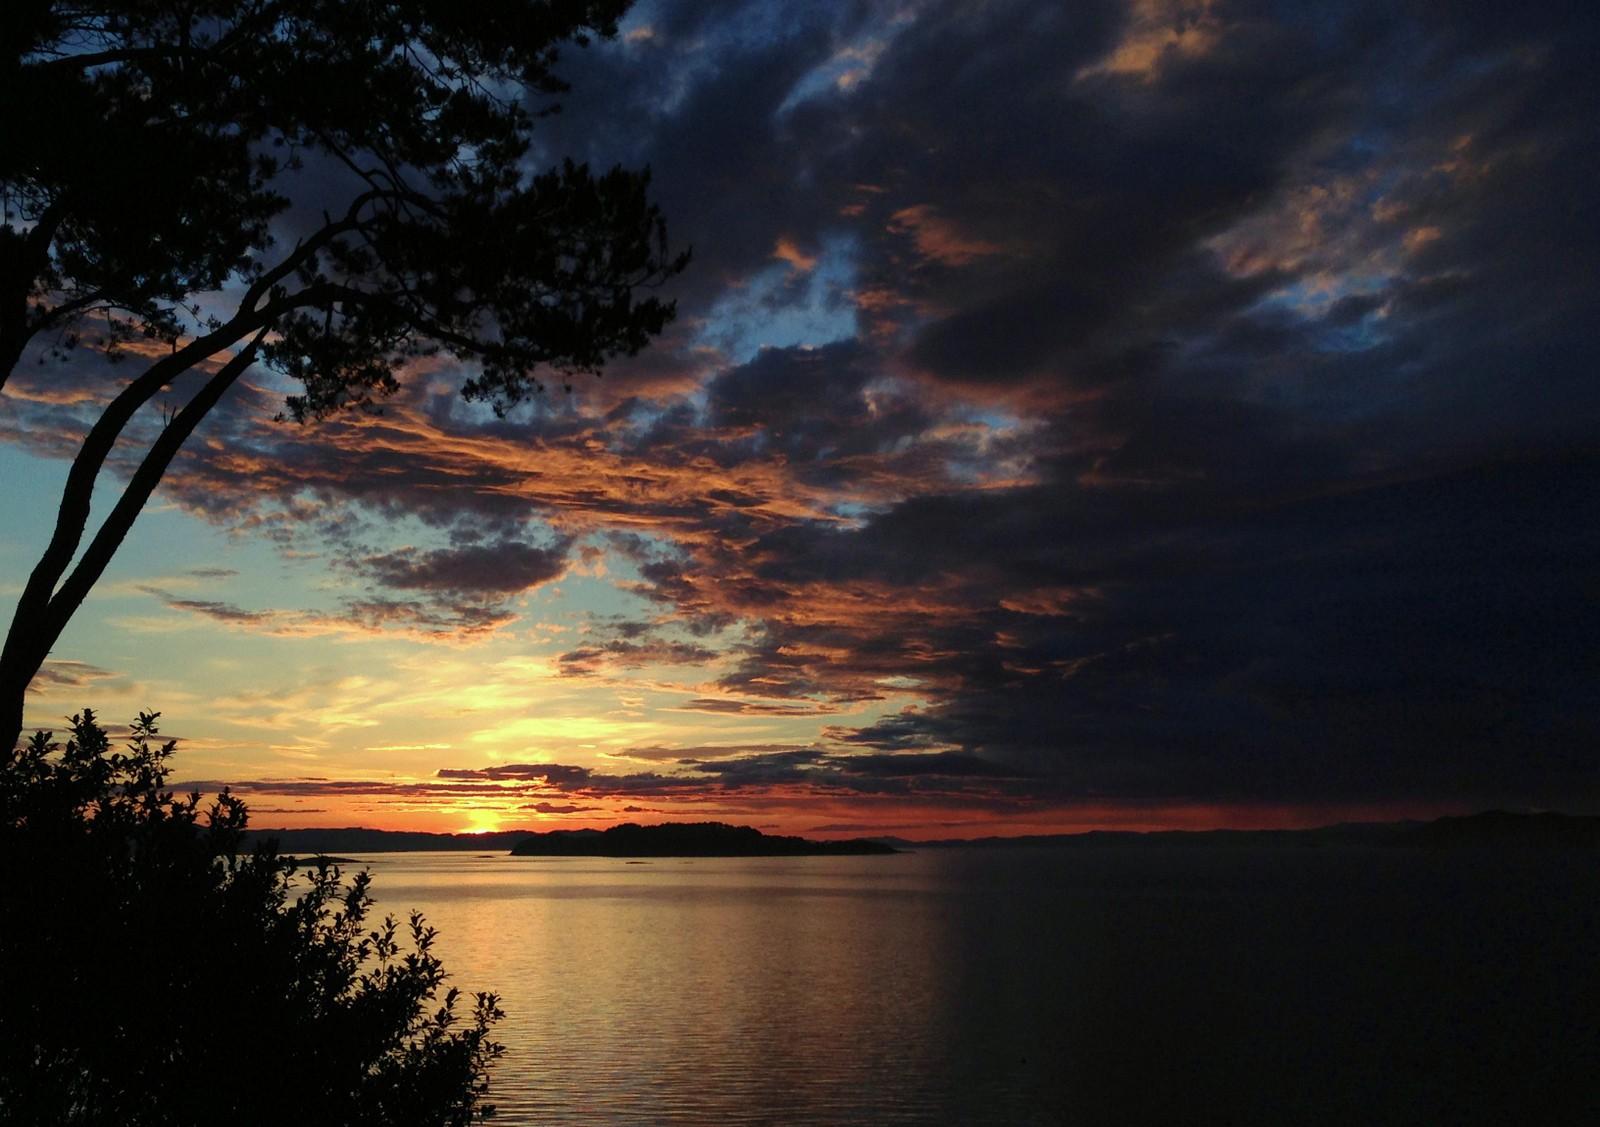 Solnedgangen sett fra Idse i Strand.